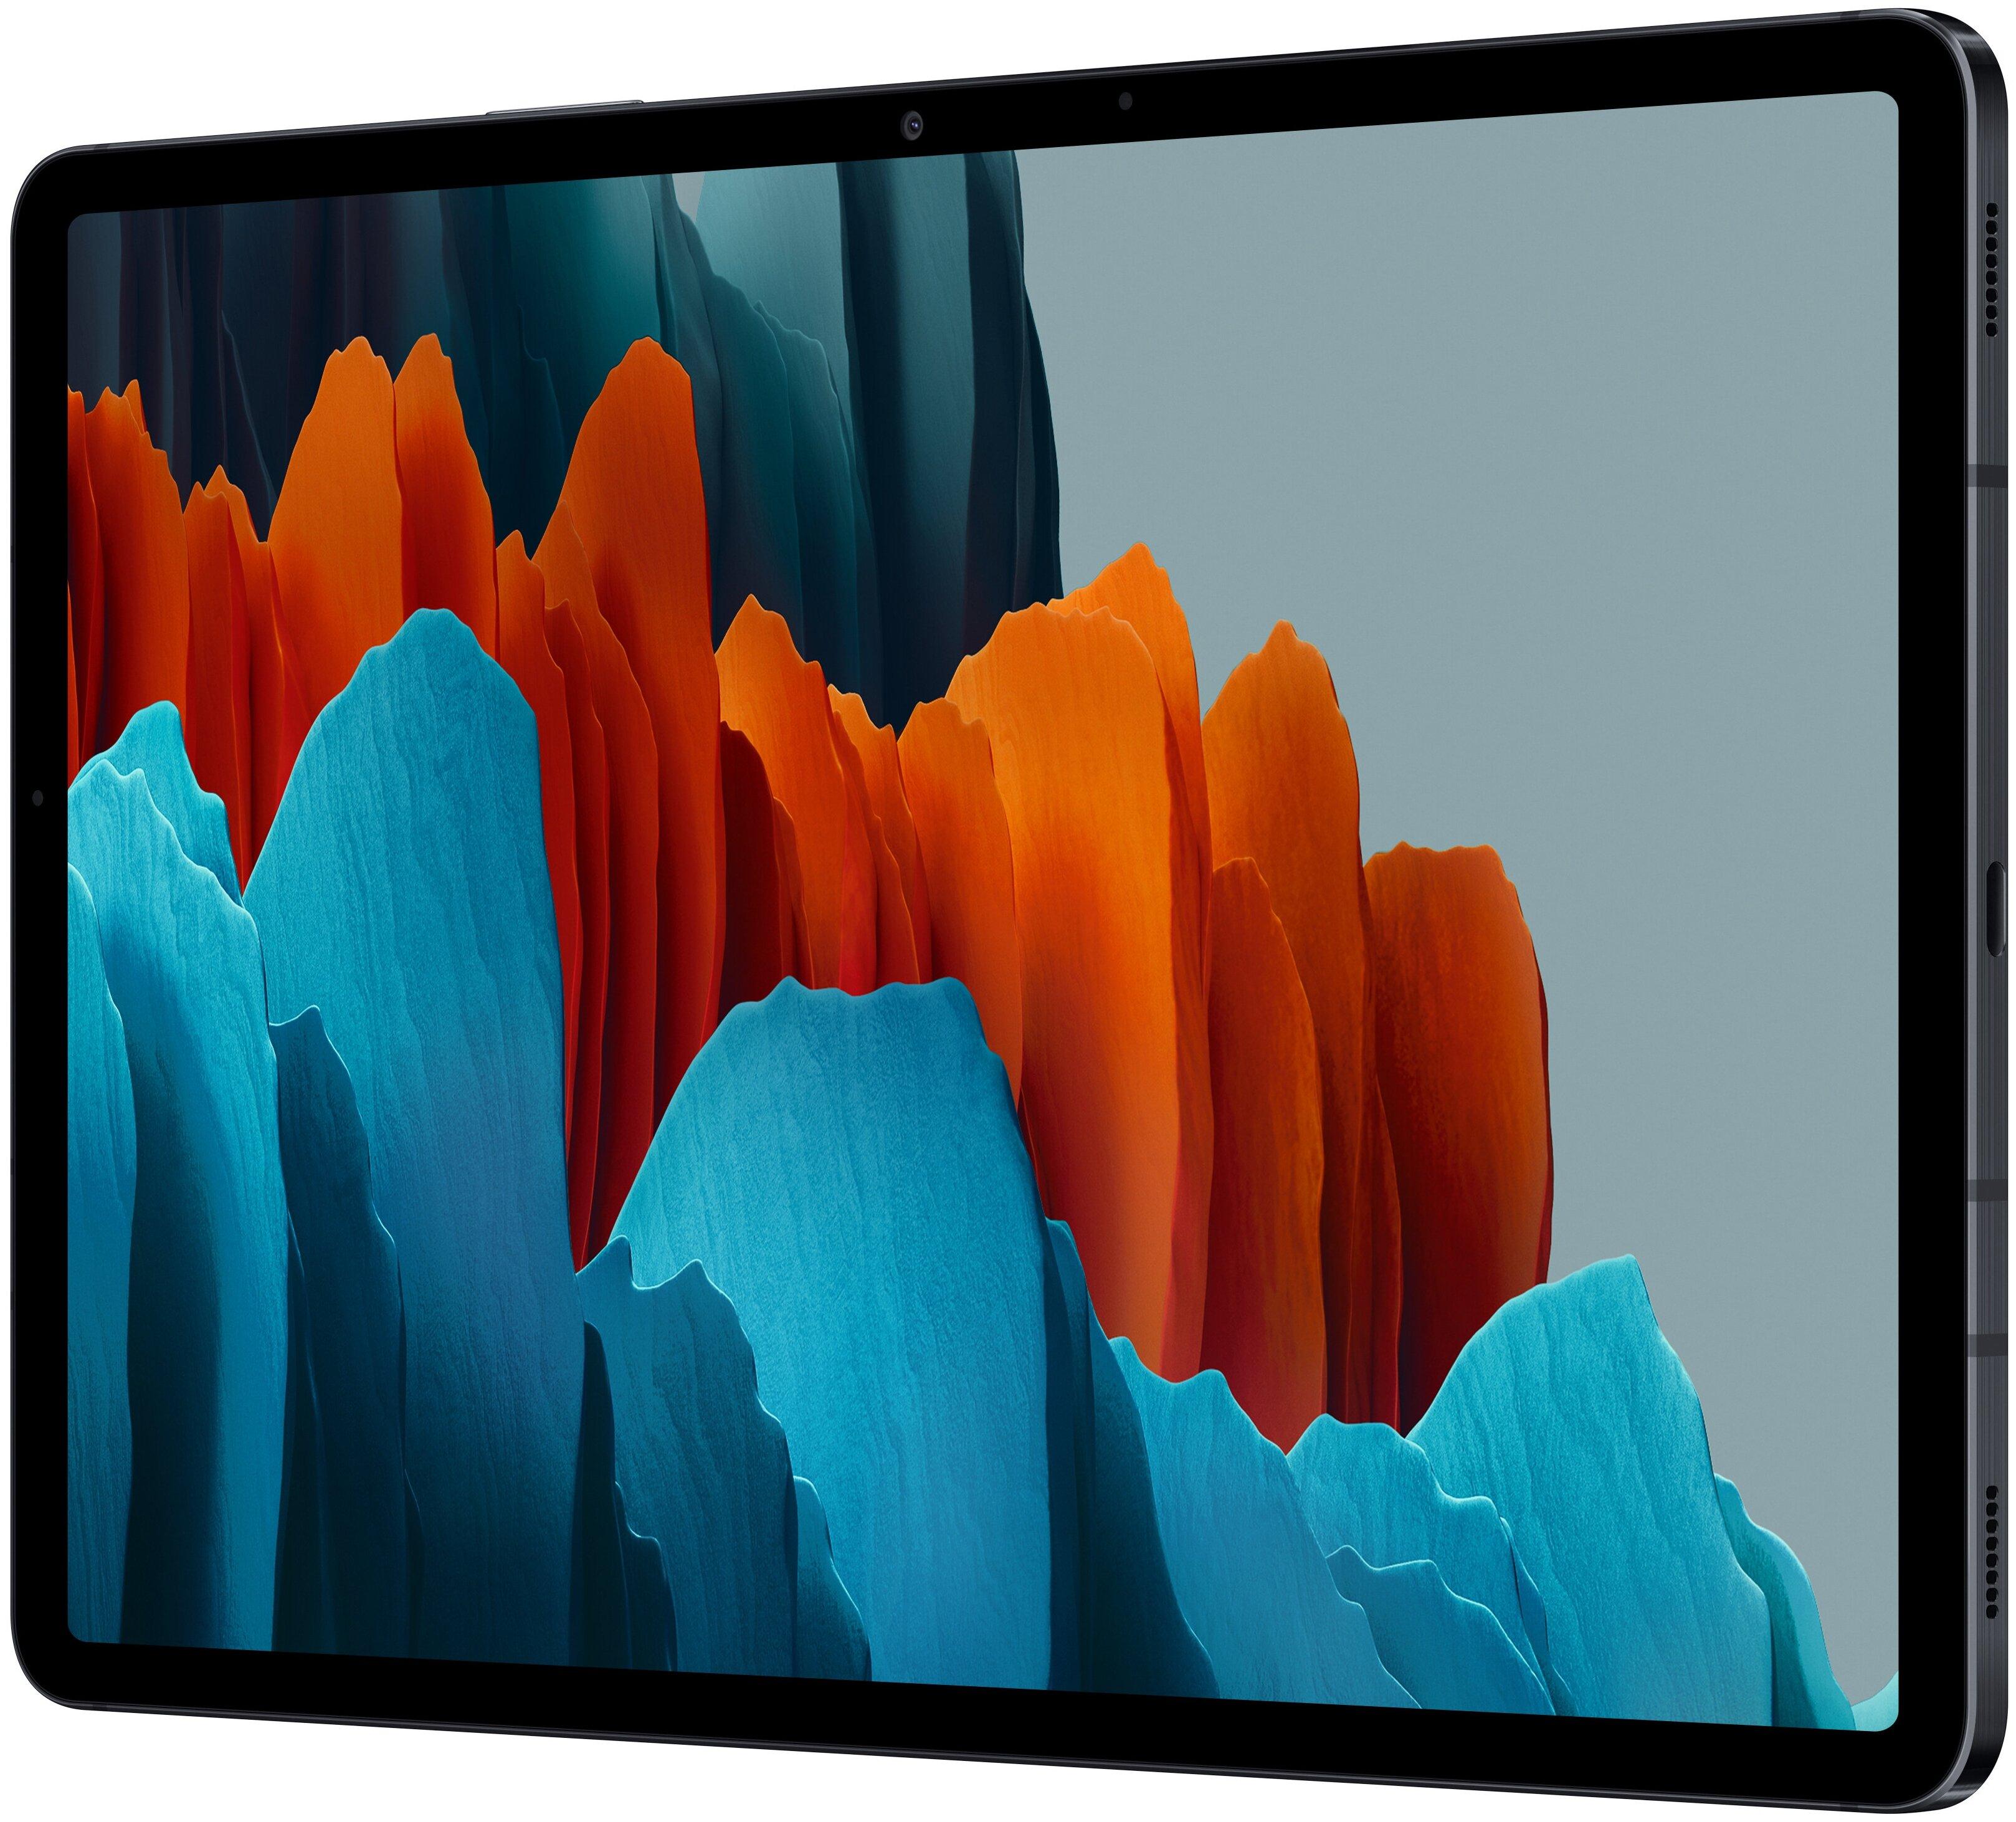 Samsung Galaxy Tab S7 11 SM-T875 128Gb (2020) - оперативная память: 6ГБ